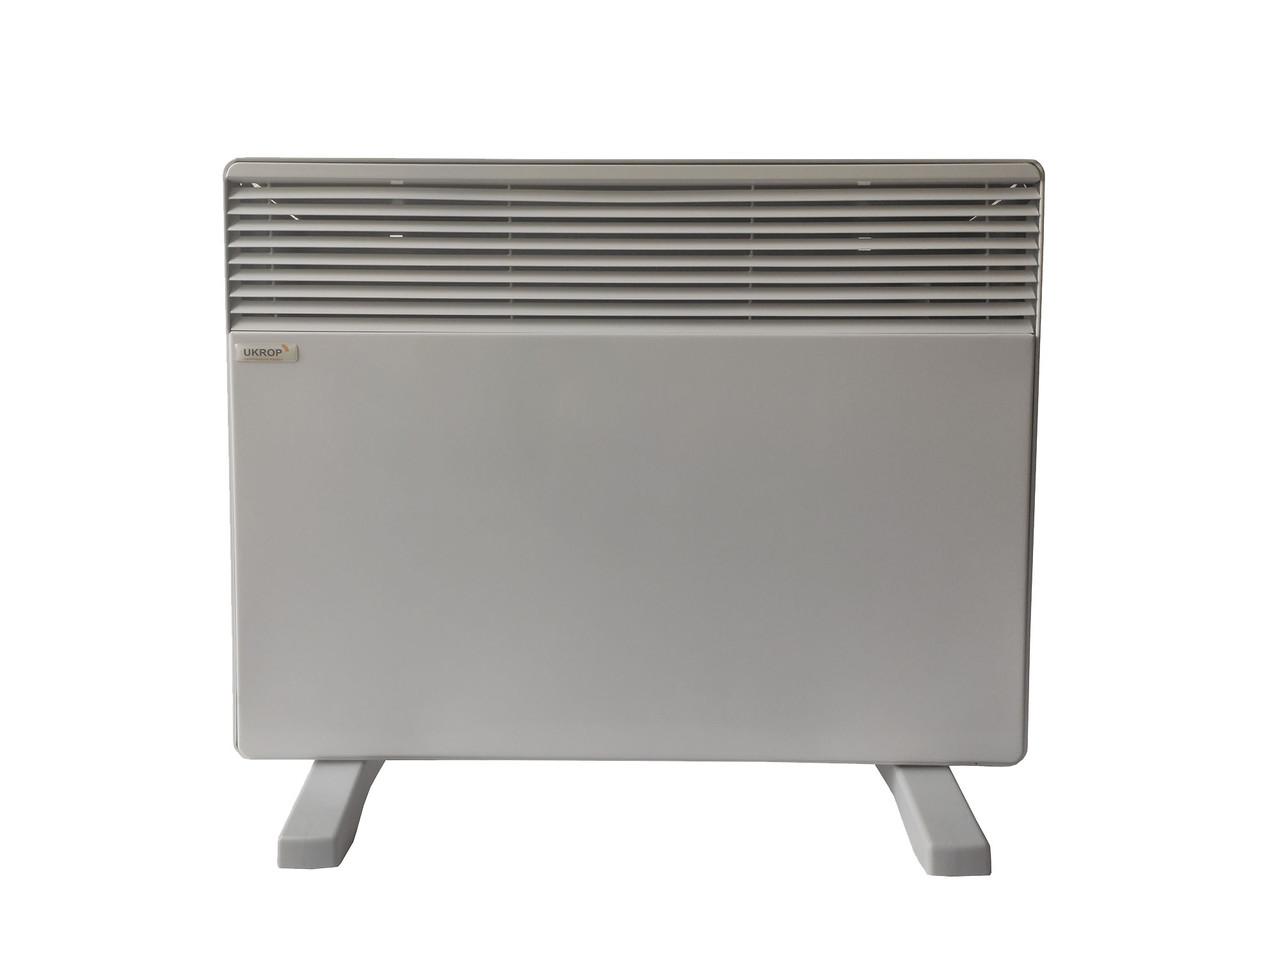 Умный эко конвектор электрический ЭКО-ОБОГРЕВ ЭК 1000П с терморегулятором и программатором, 2 датчика, эко-тен